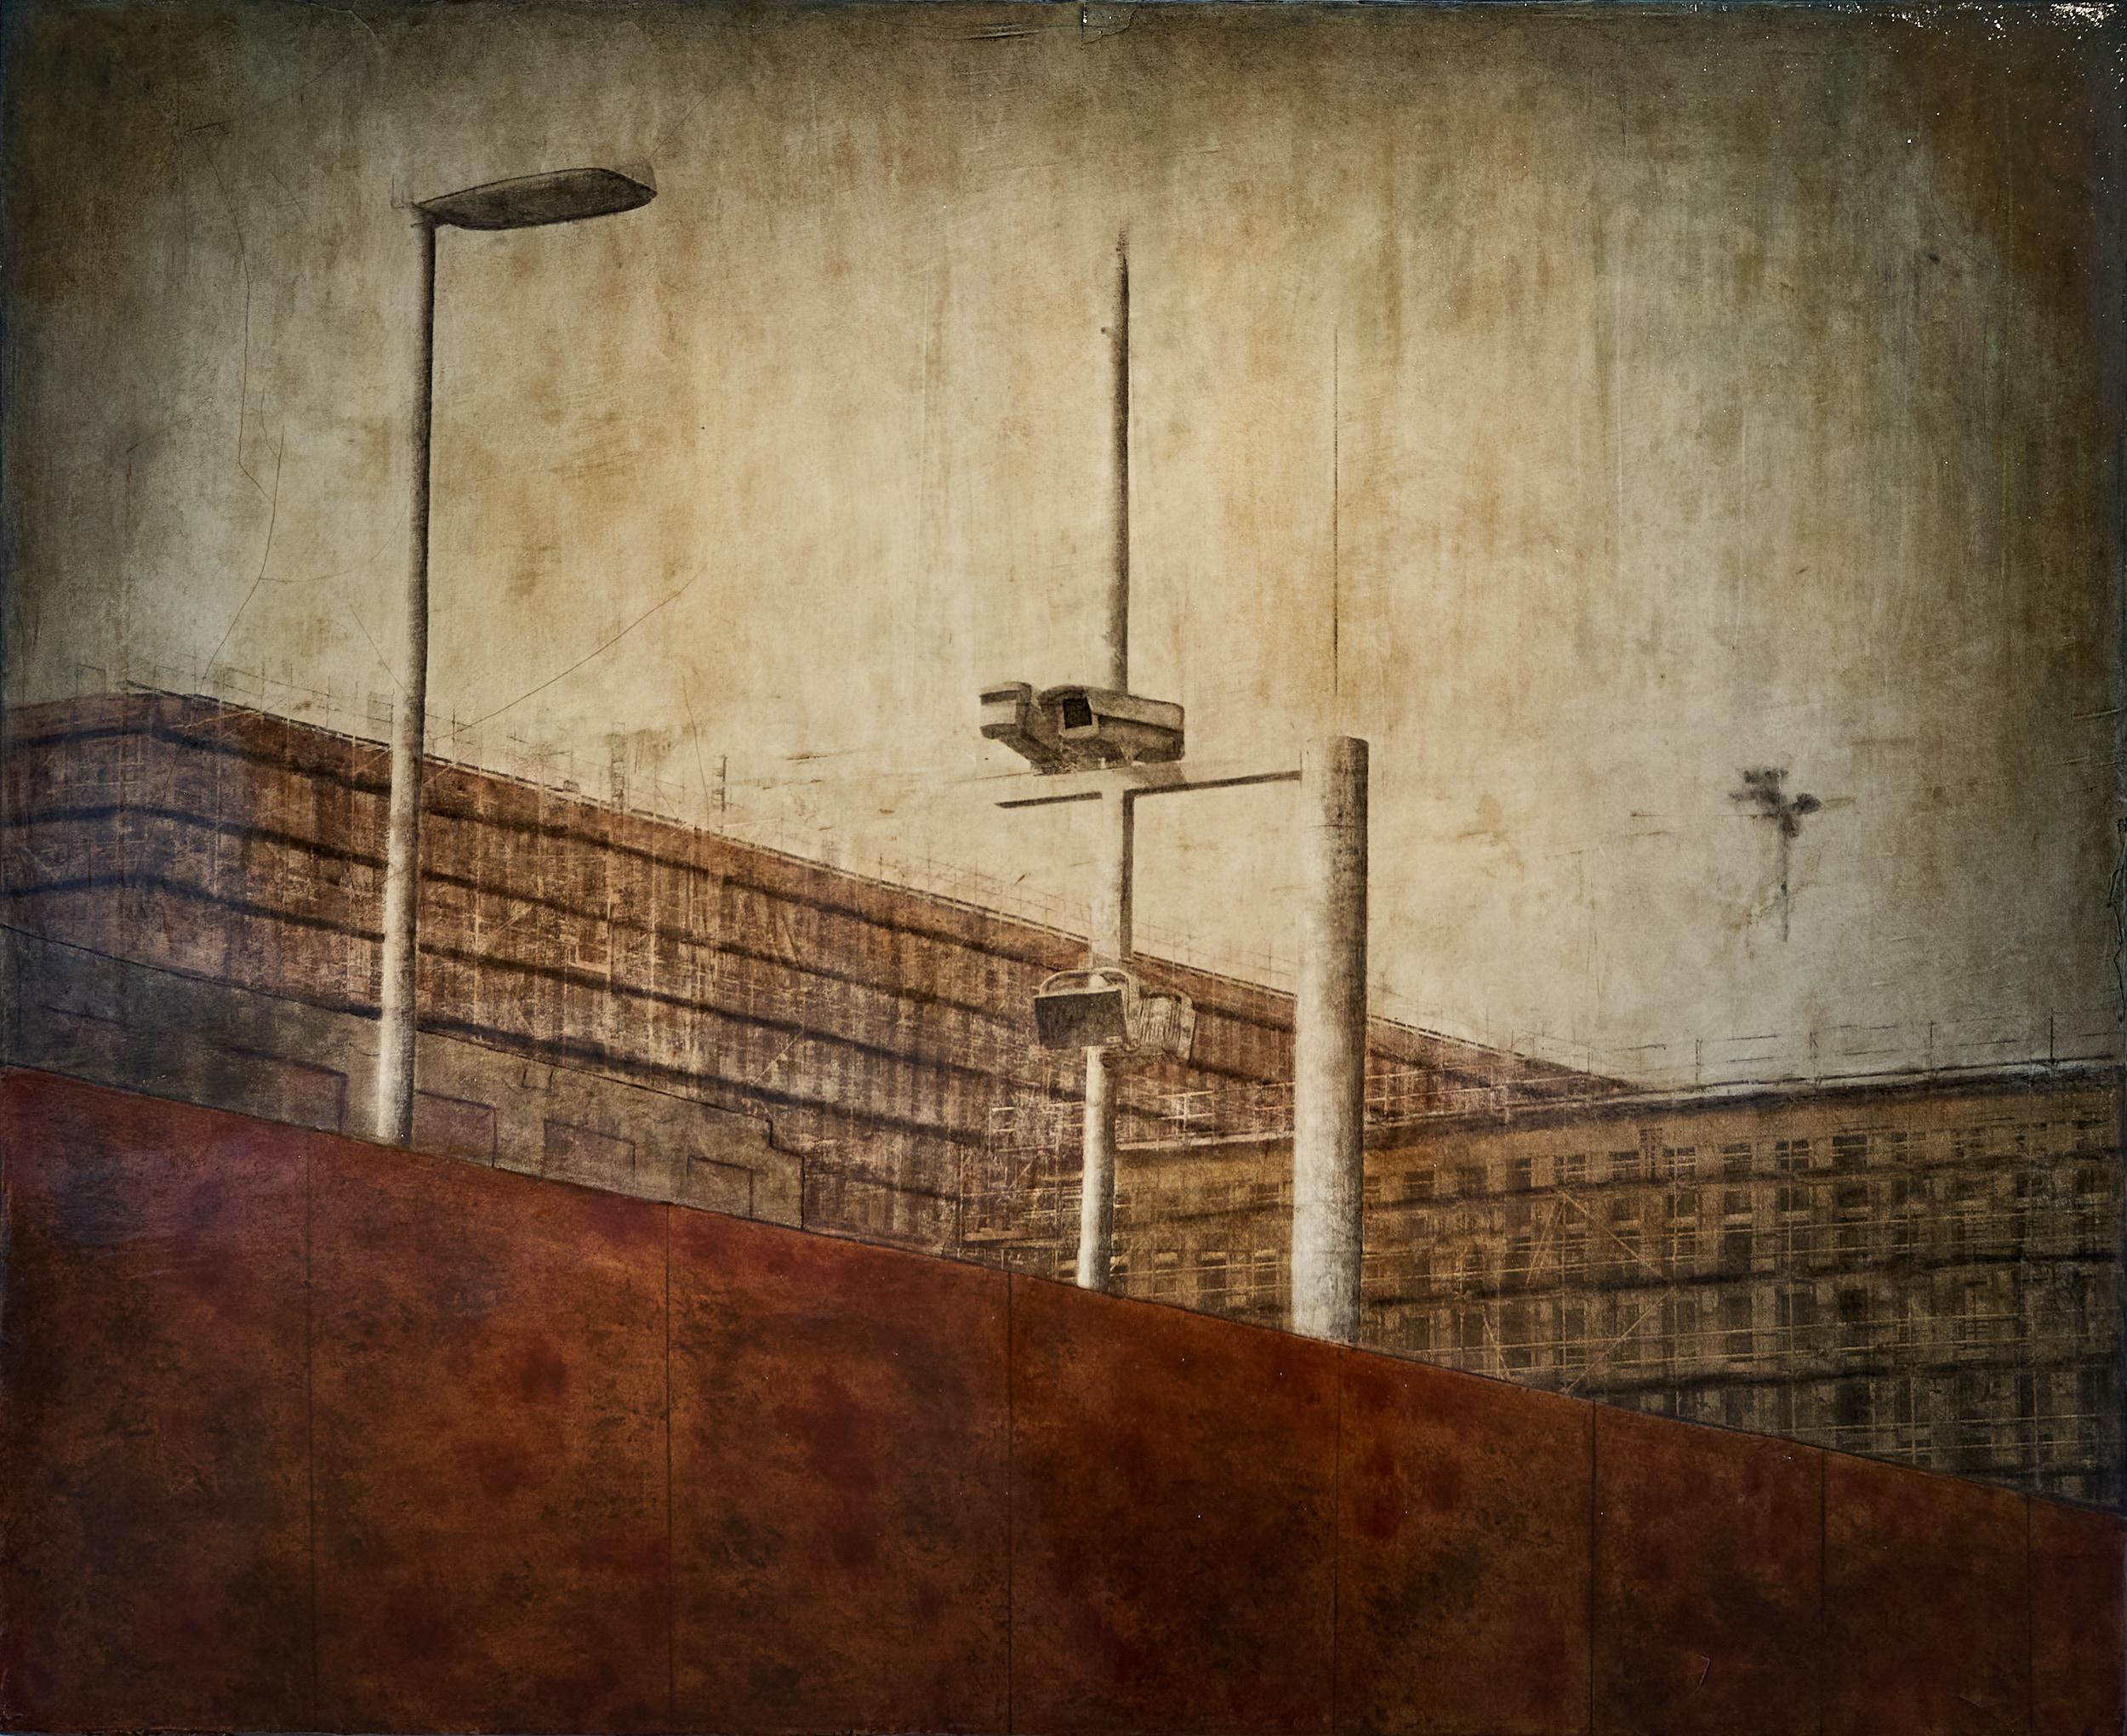 Überwachungskamera auf BND-Baustelle